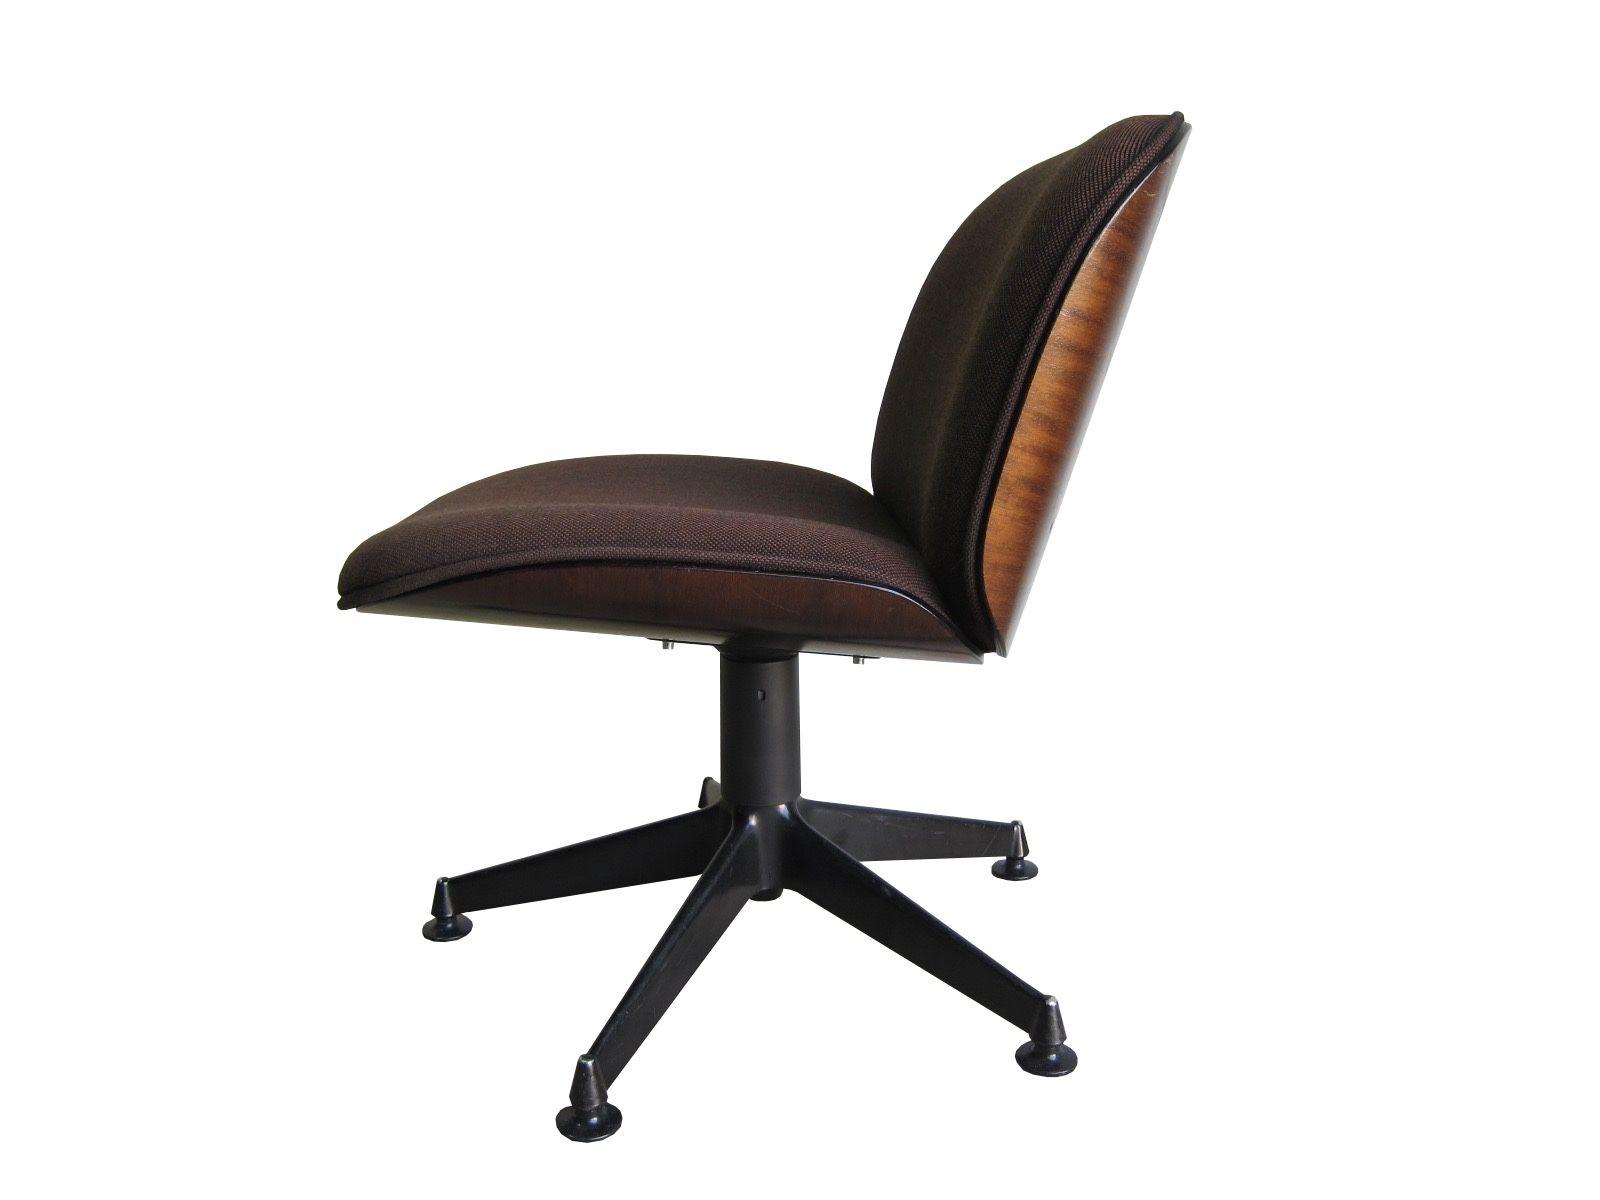 Sedie Con Rotelle Da Ufficio Prezzi: Sedie da ufficio spedizione ...